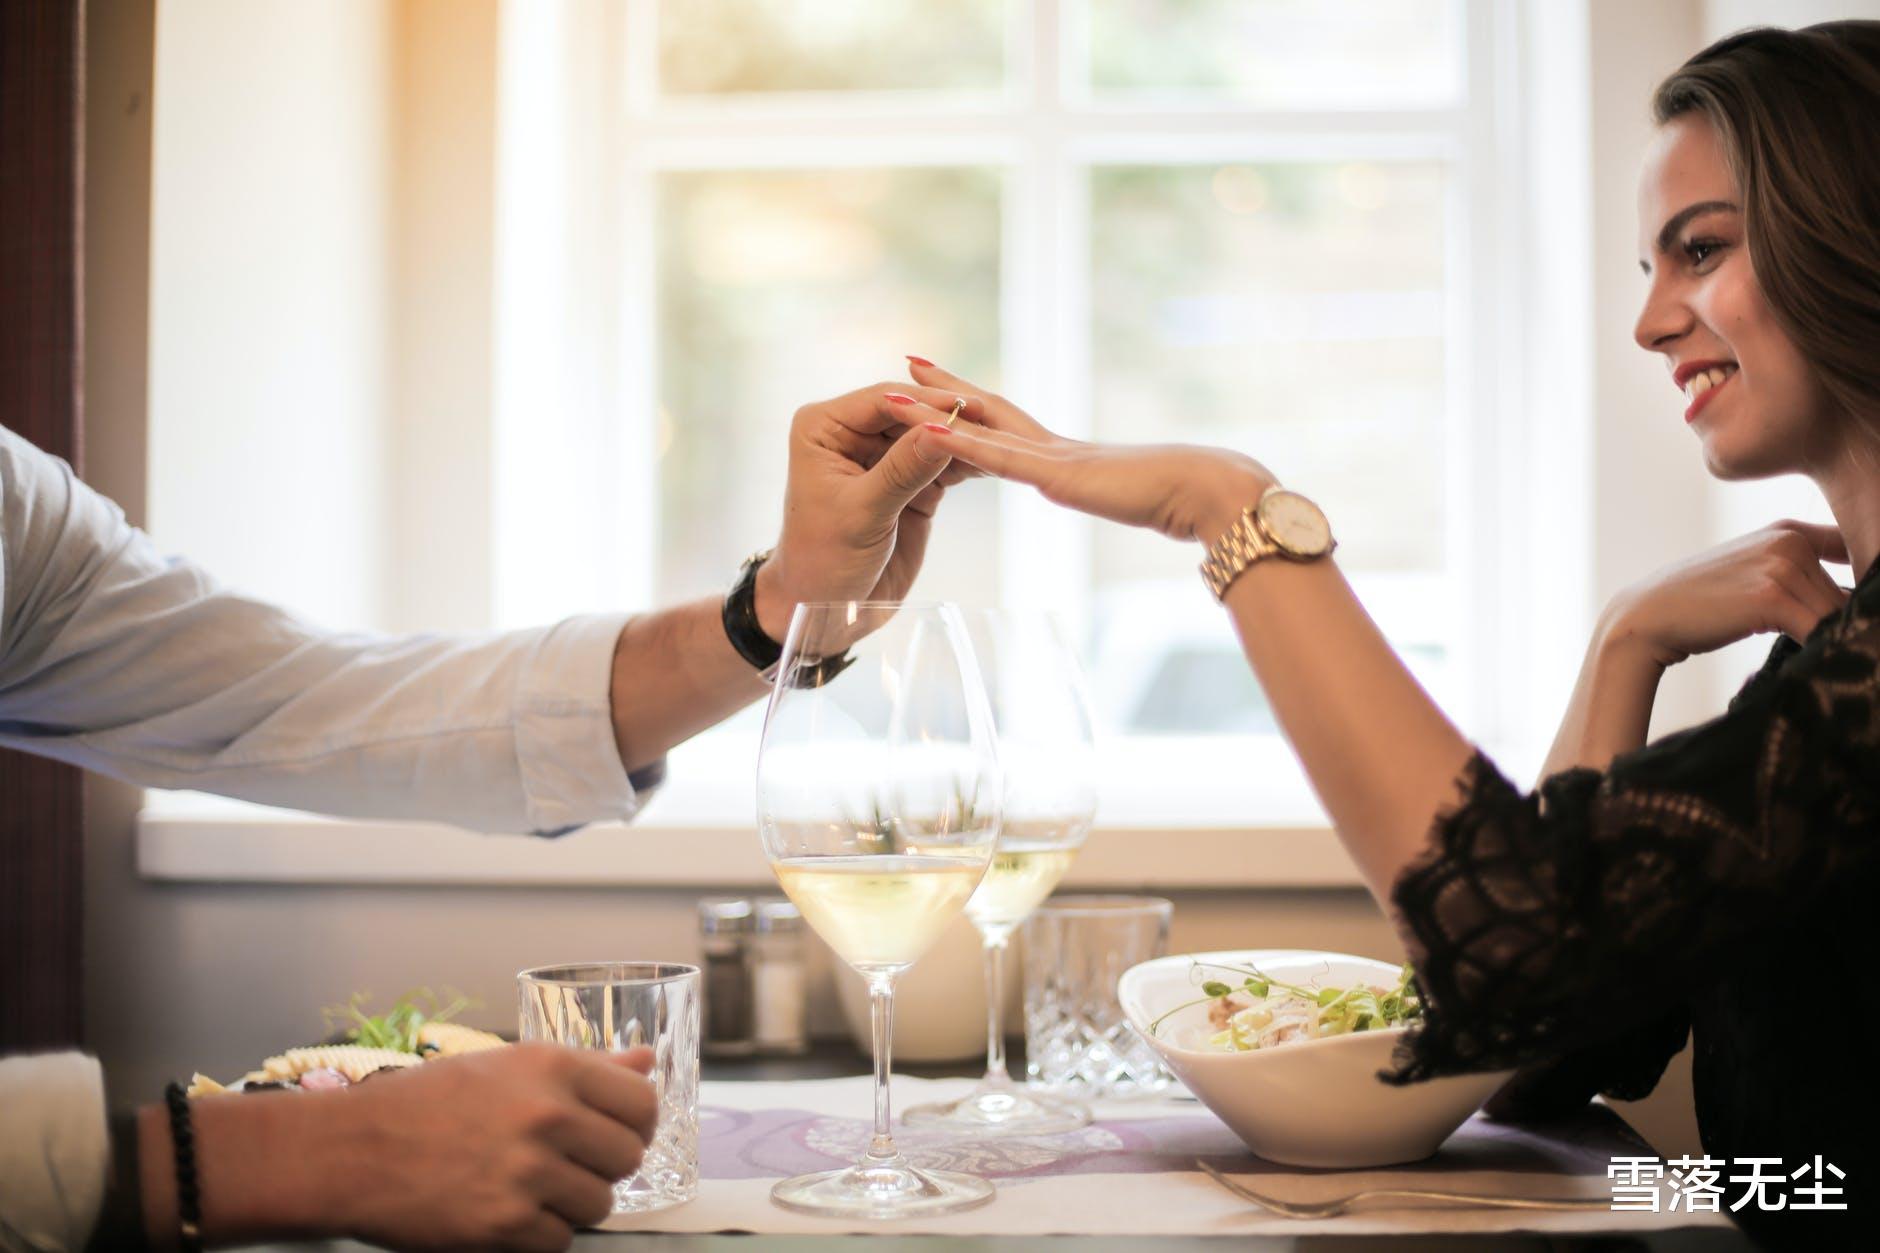 檢測男人是否愛你的標準:主動-圖2